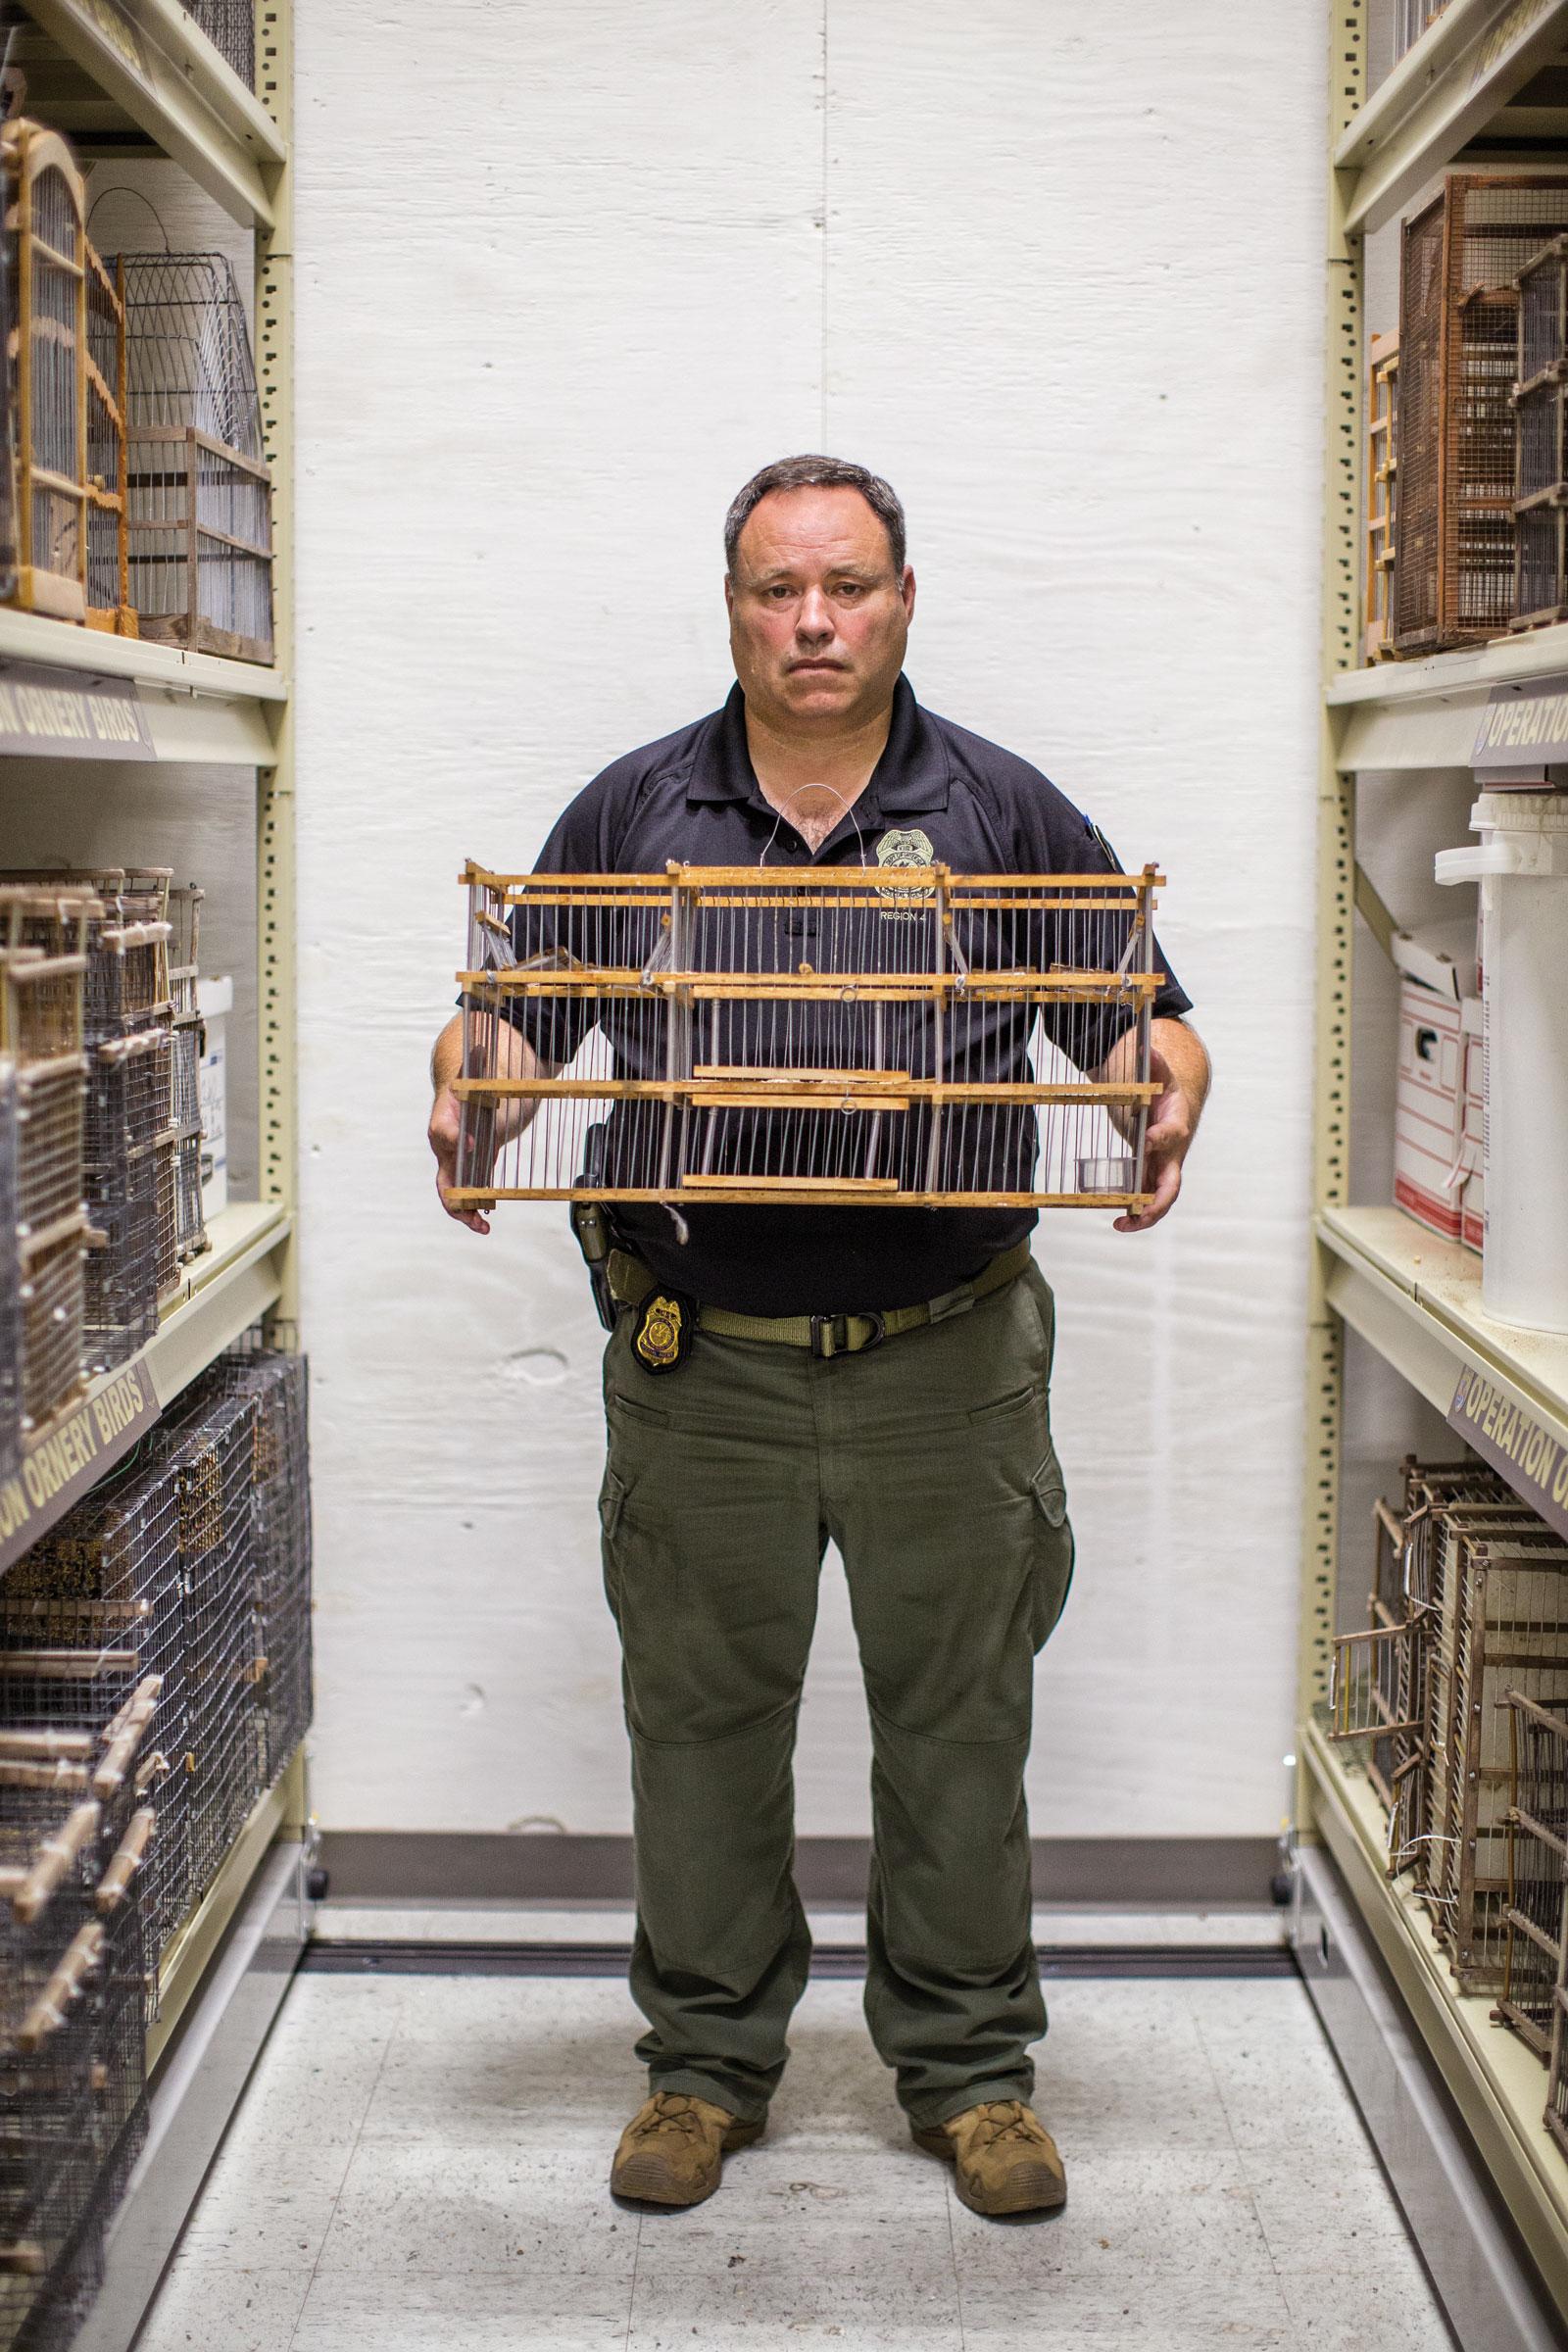 El agente del Servicio de Pesca y Vida Silvestre de los EE. UU., David Pharo, sostiene el tipo de trampa que suelen utilizar los traficantes.